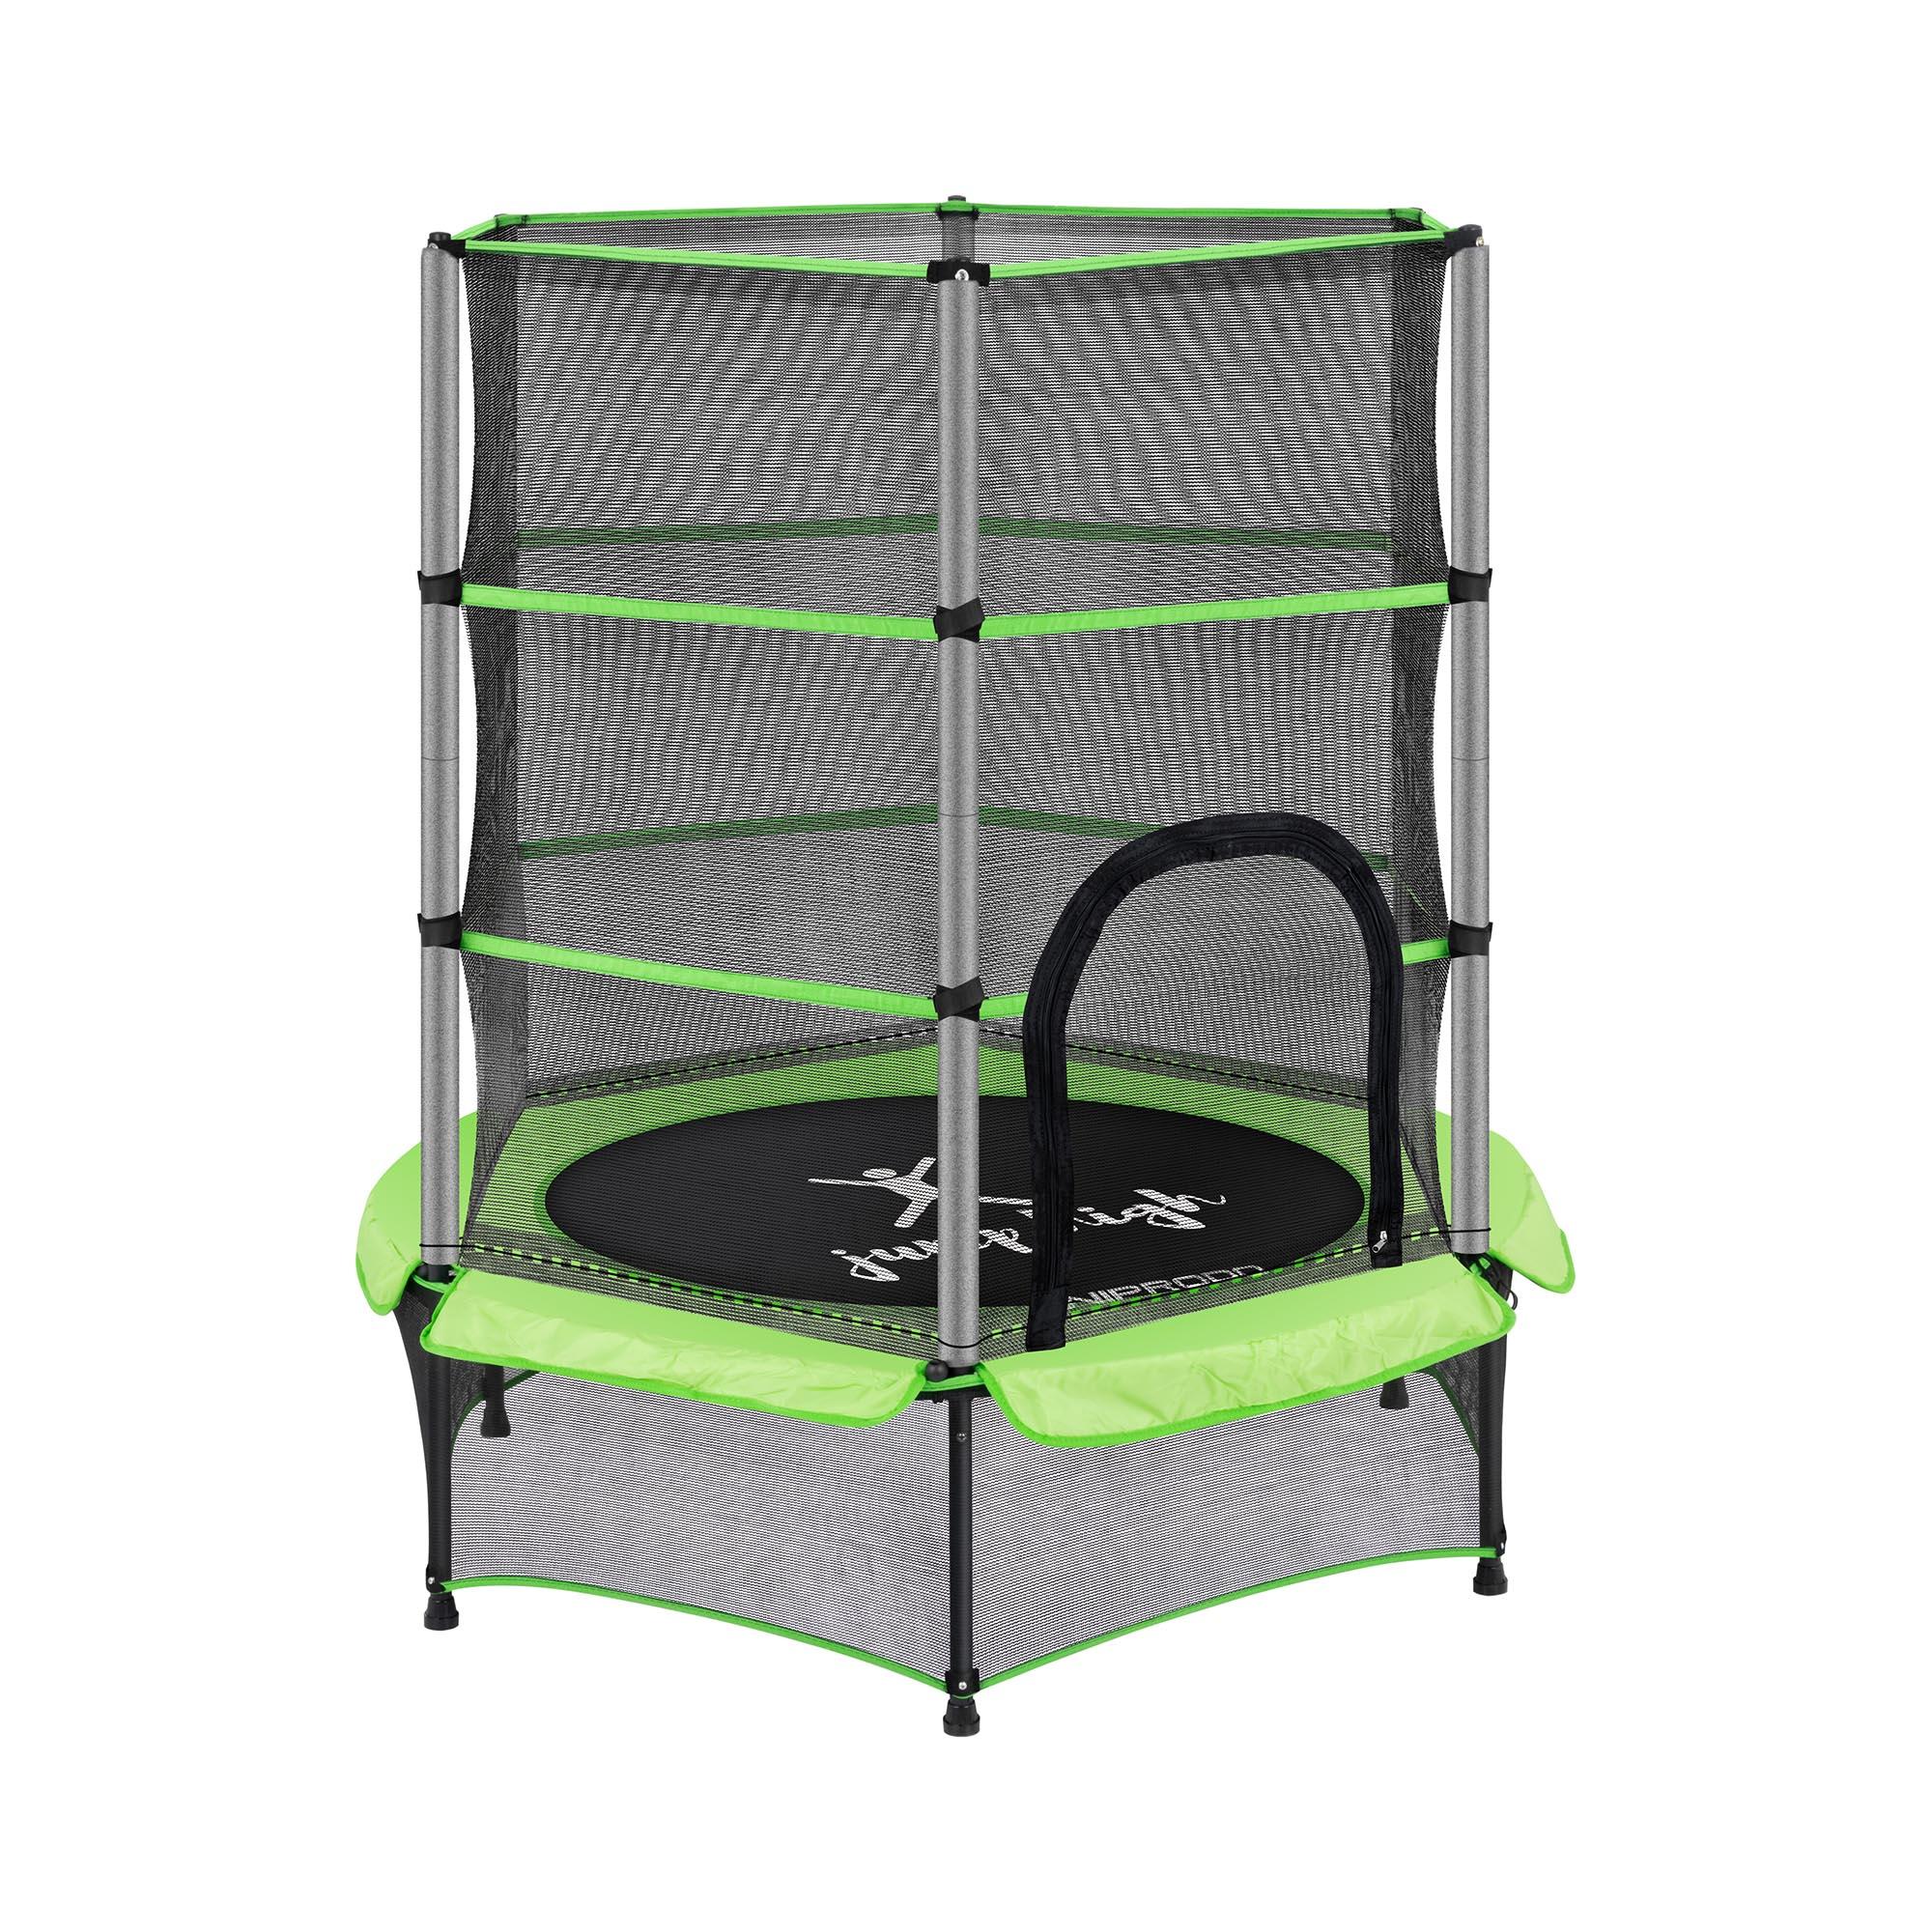 Uniprodo Kindertrampolin - mit Sicherheitsnetz - 140 cm - 50 kg - grün UNI_TRAMPOLINE_01